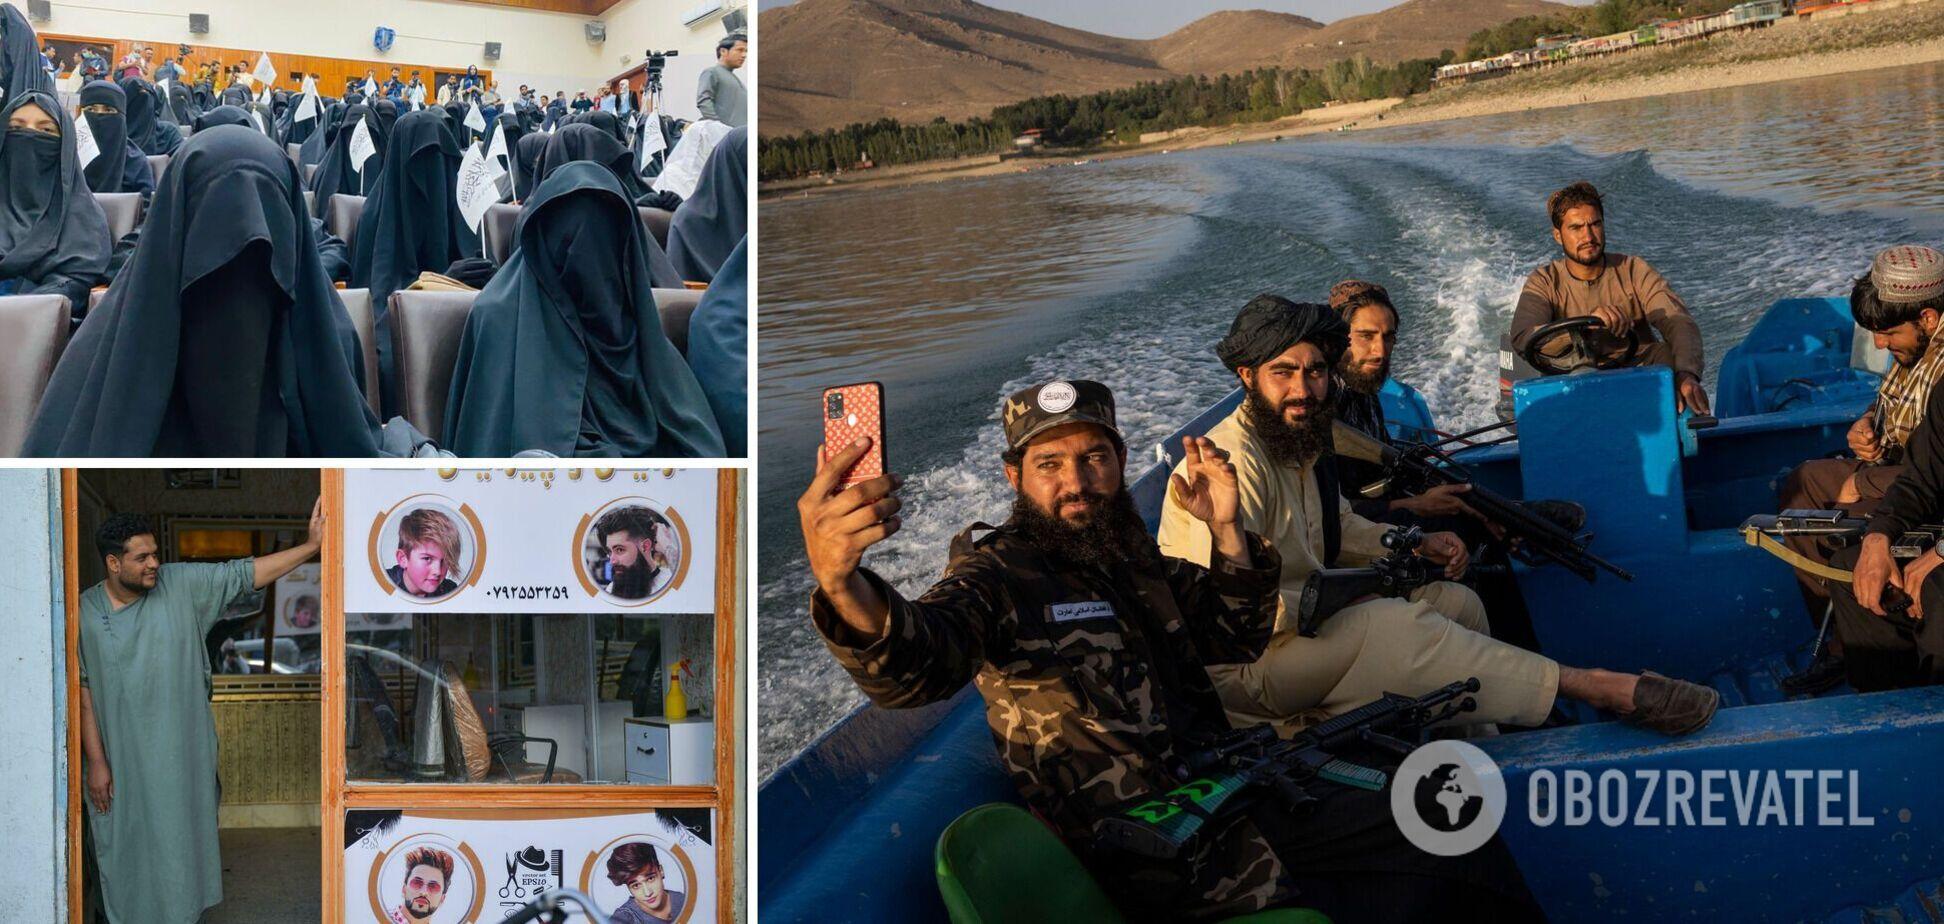 Публичные казни, запреты для женщин и новая мода: как сейчас живет Афганистан